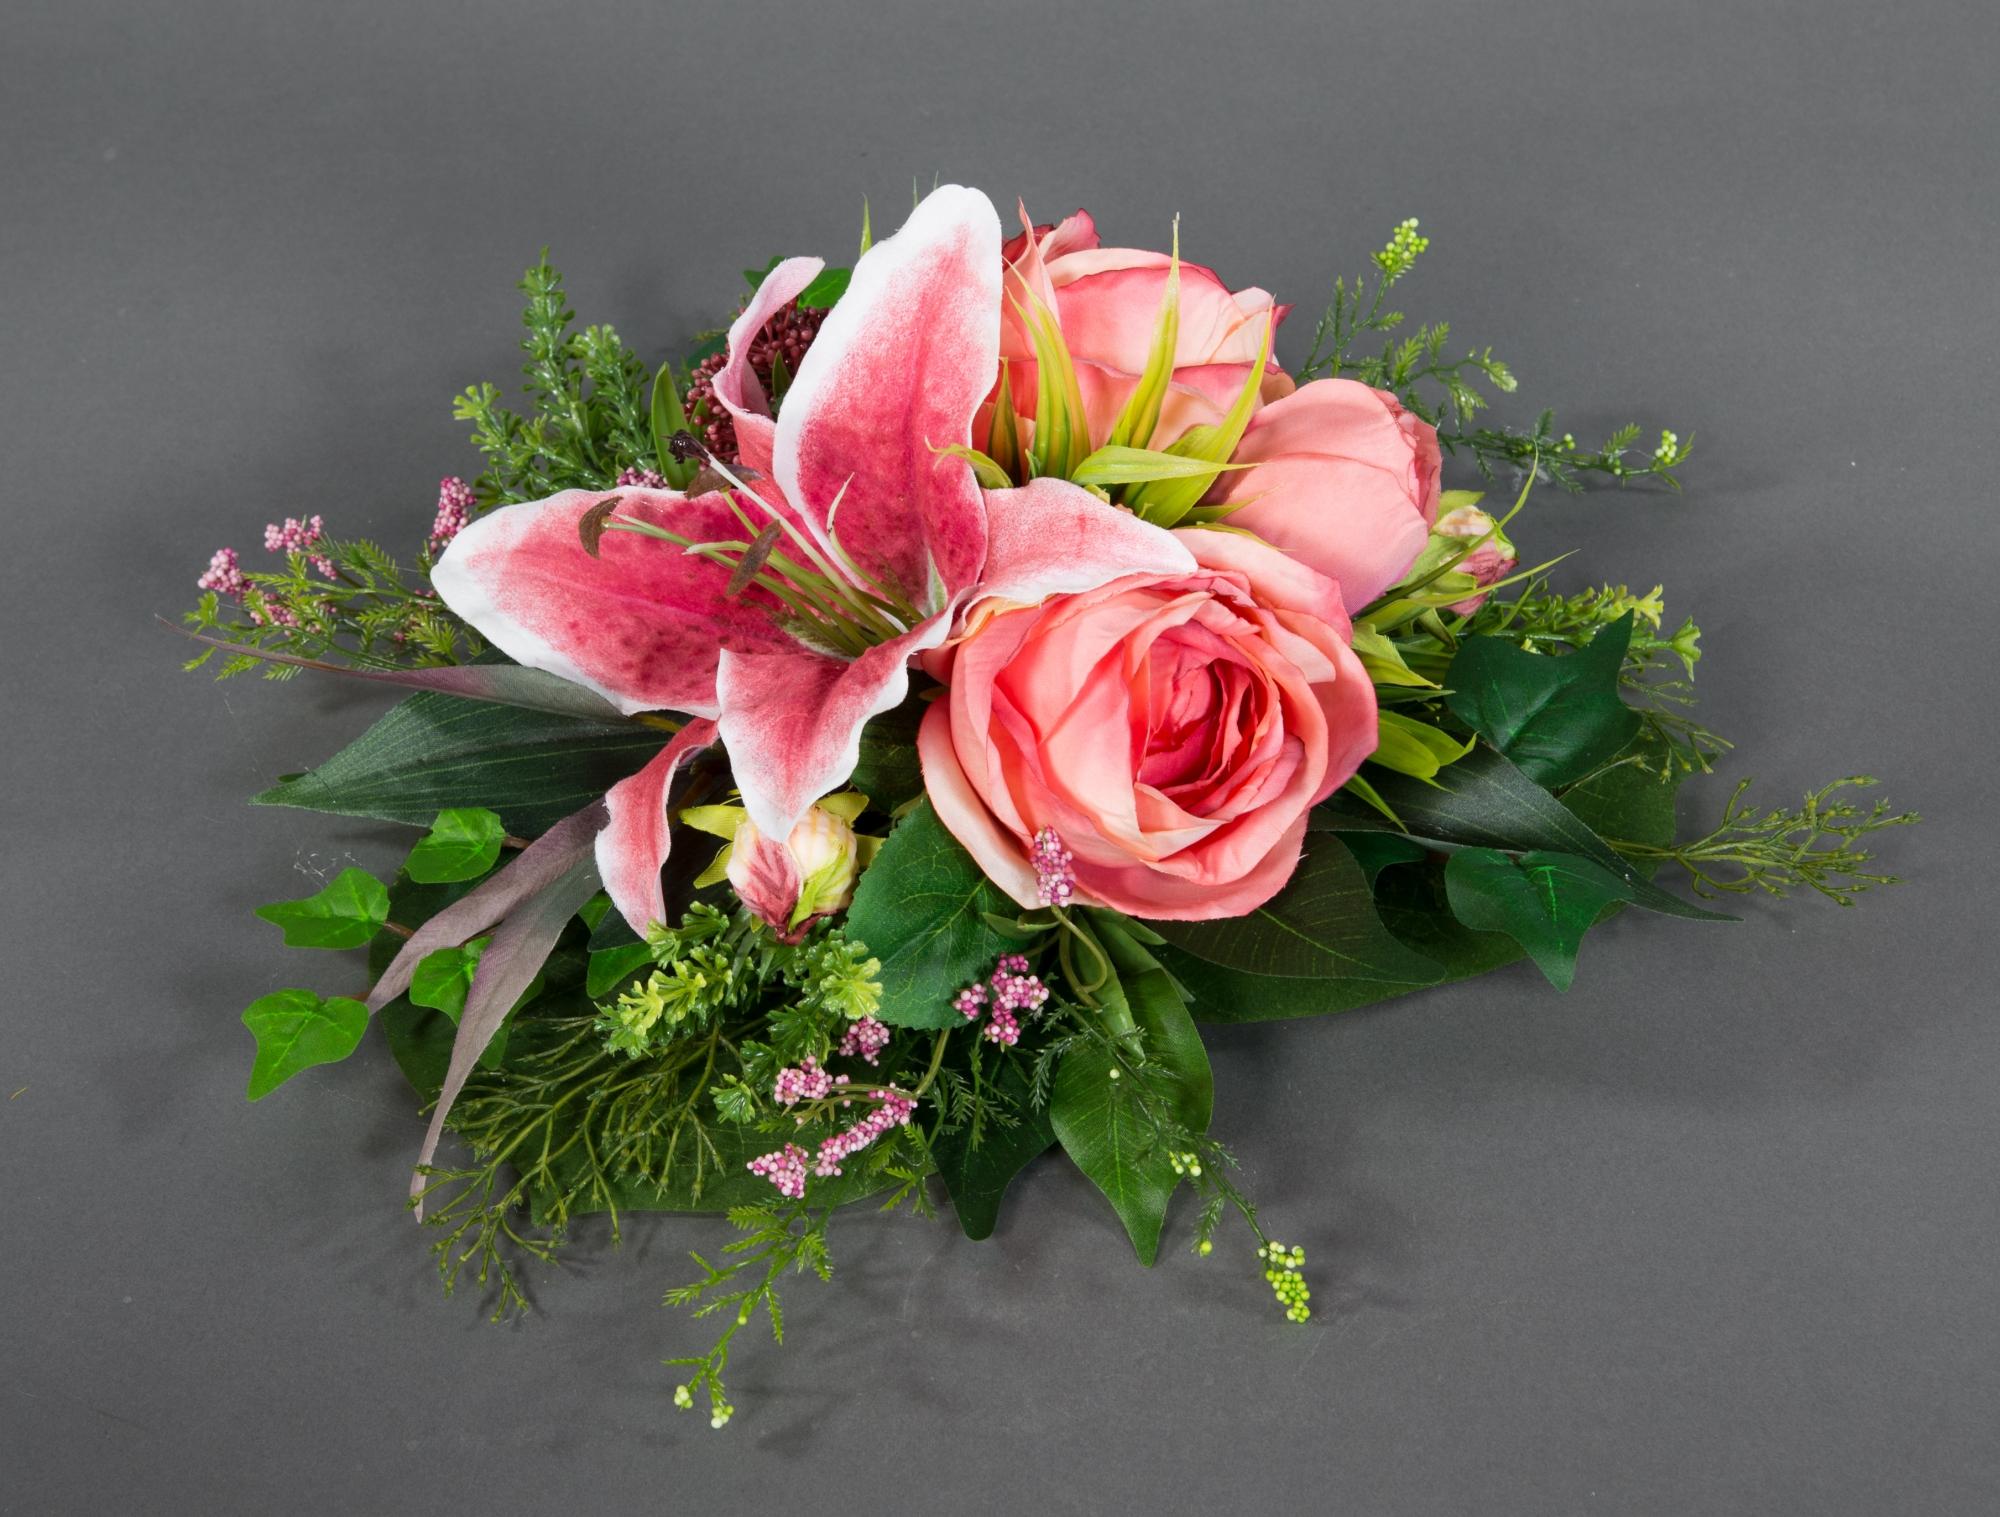 Rosengesteck 20x15cm rosa im Blatttopf LM Kunstblumen künstliche Blumen Gesteck